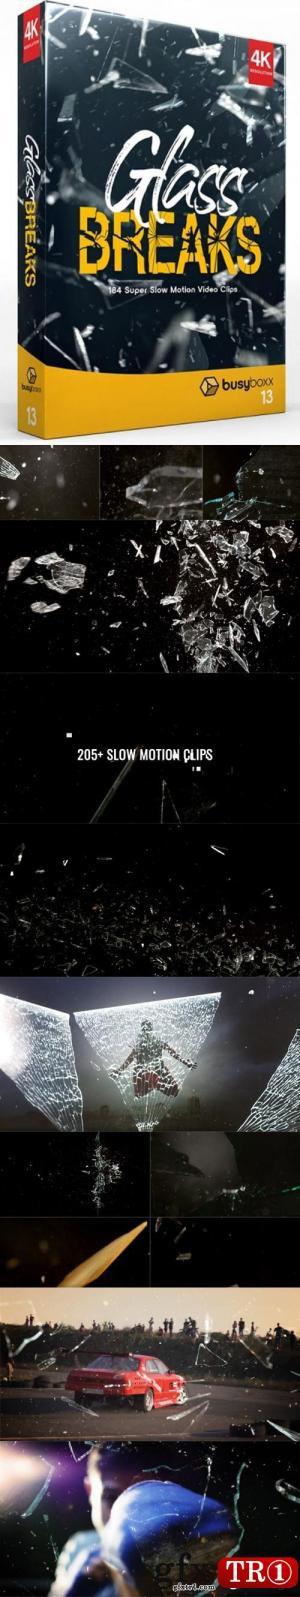 玻璃耀光破碎视频素材包 BusyBoxx - V13 GlassBreaks